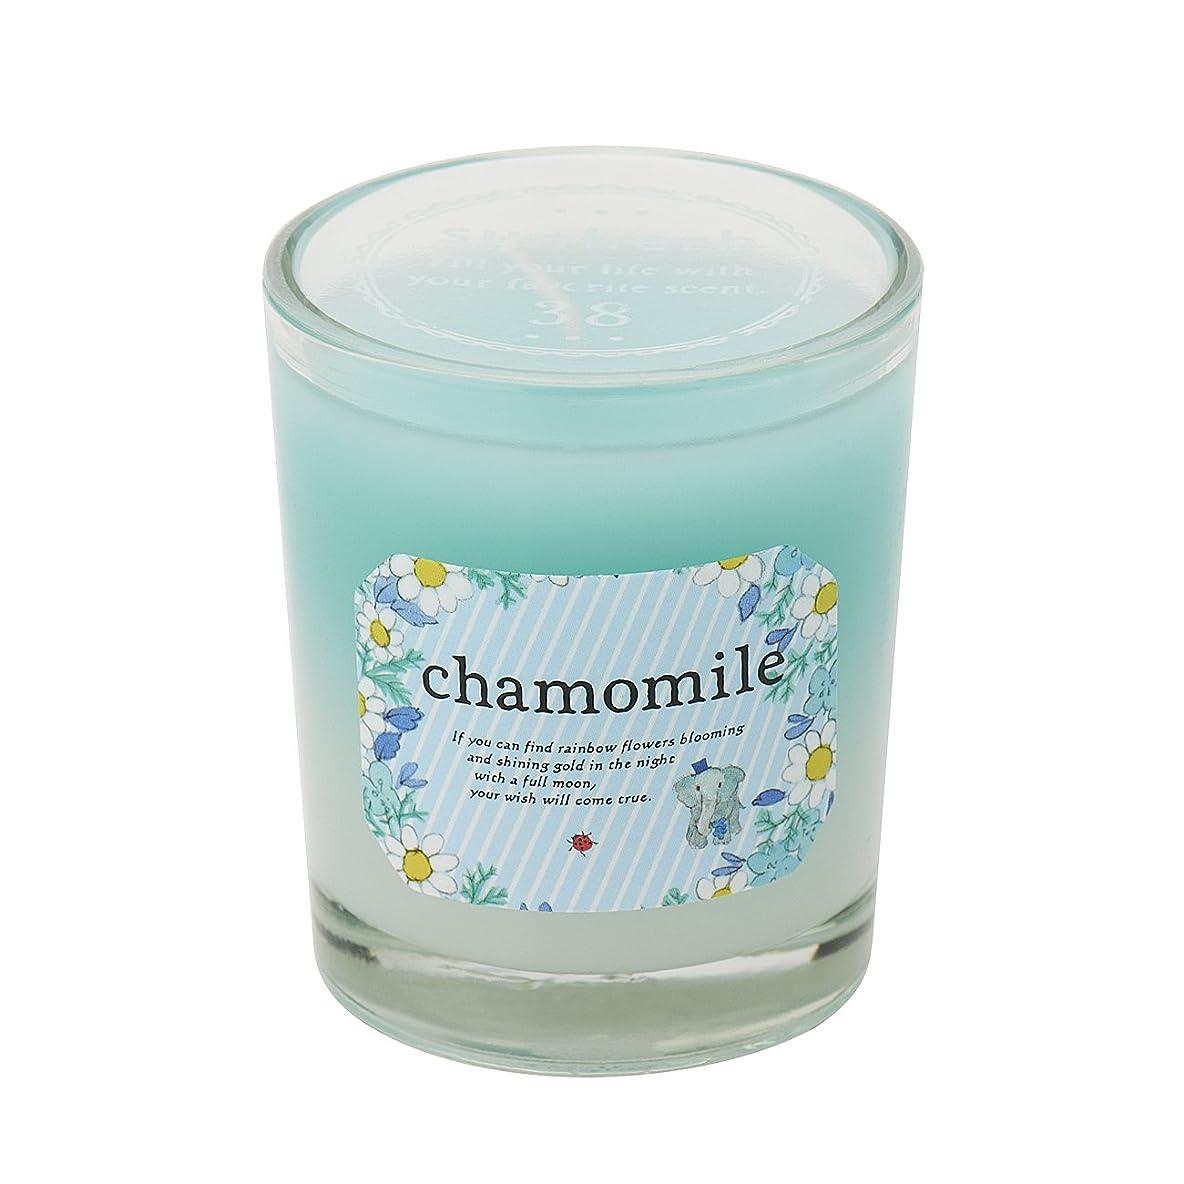 休み恐ろしい名前サンハーブ グラスキャンドル カモマイル 35g(グラデーションろうそく 燃焼時間約10時間 やさしく穏やかな甘い香り)